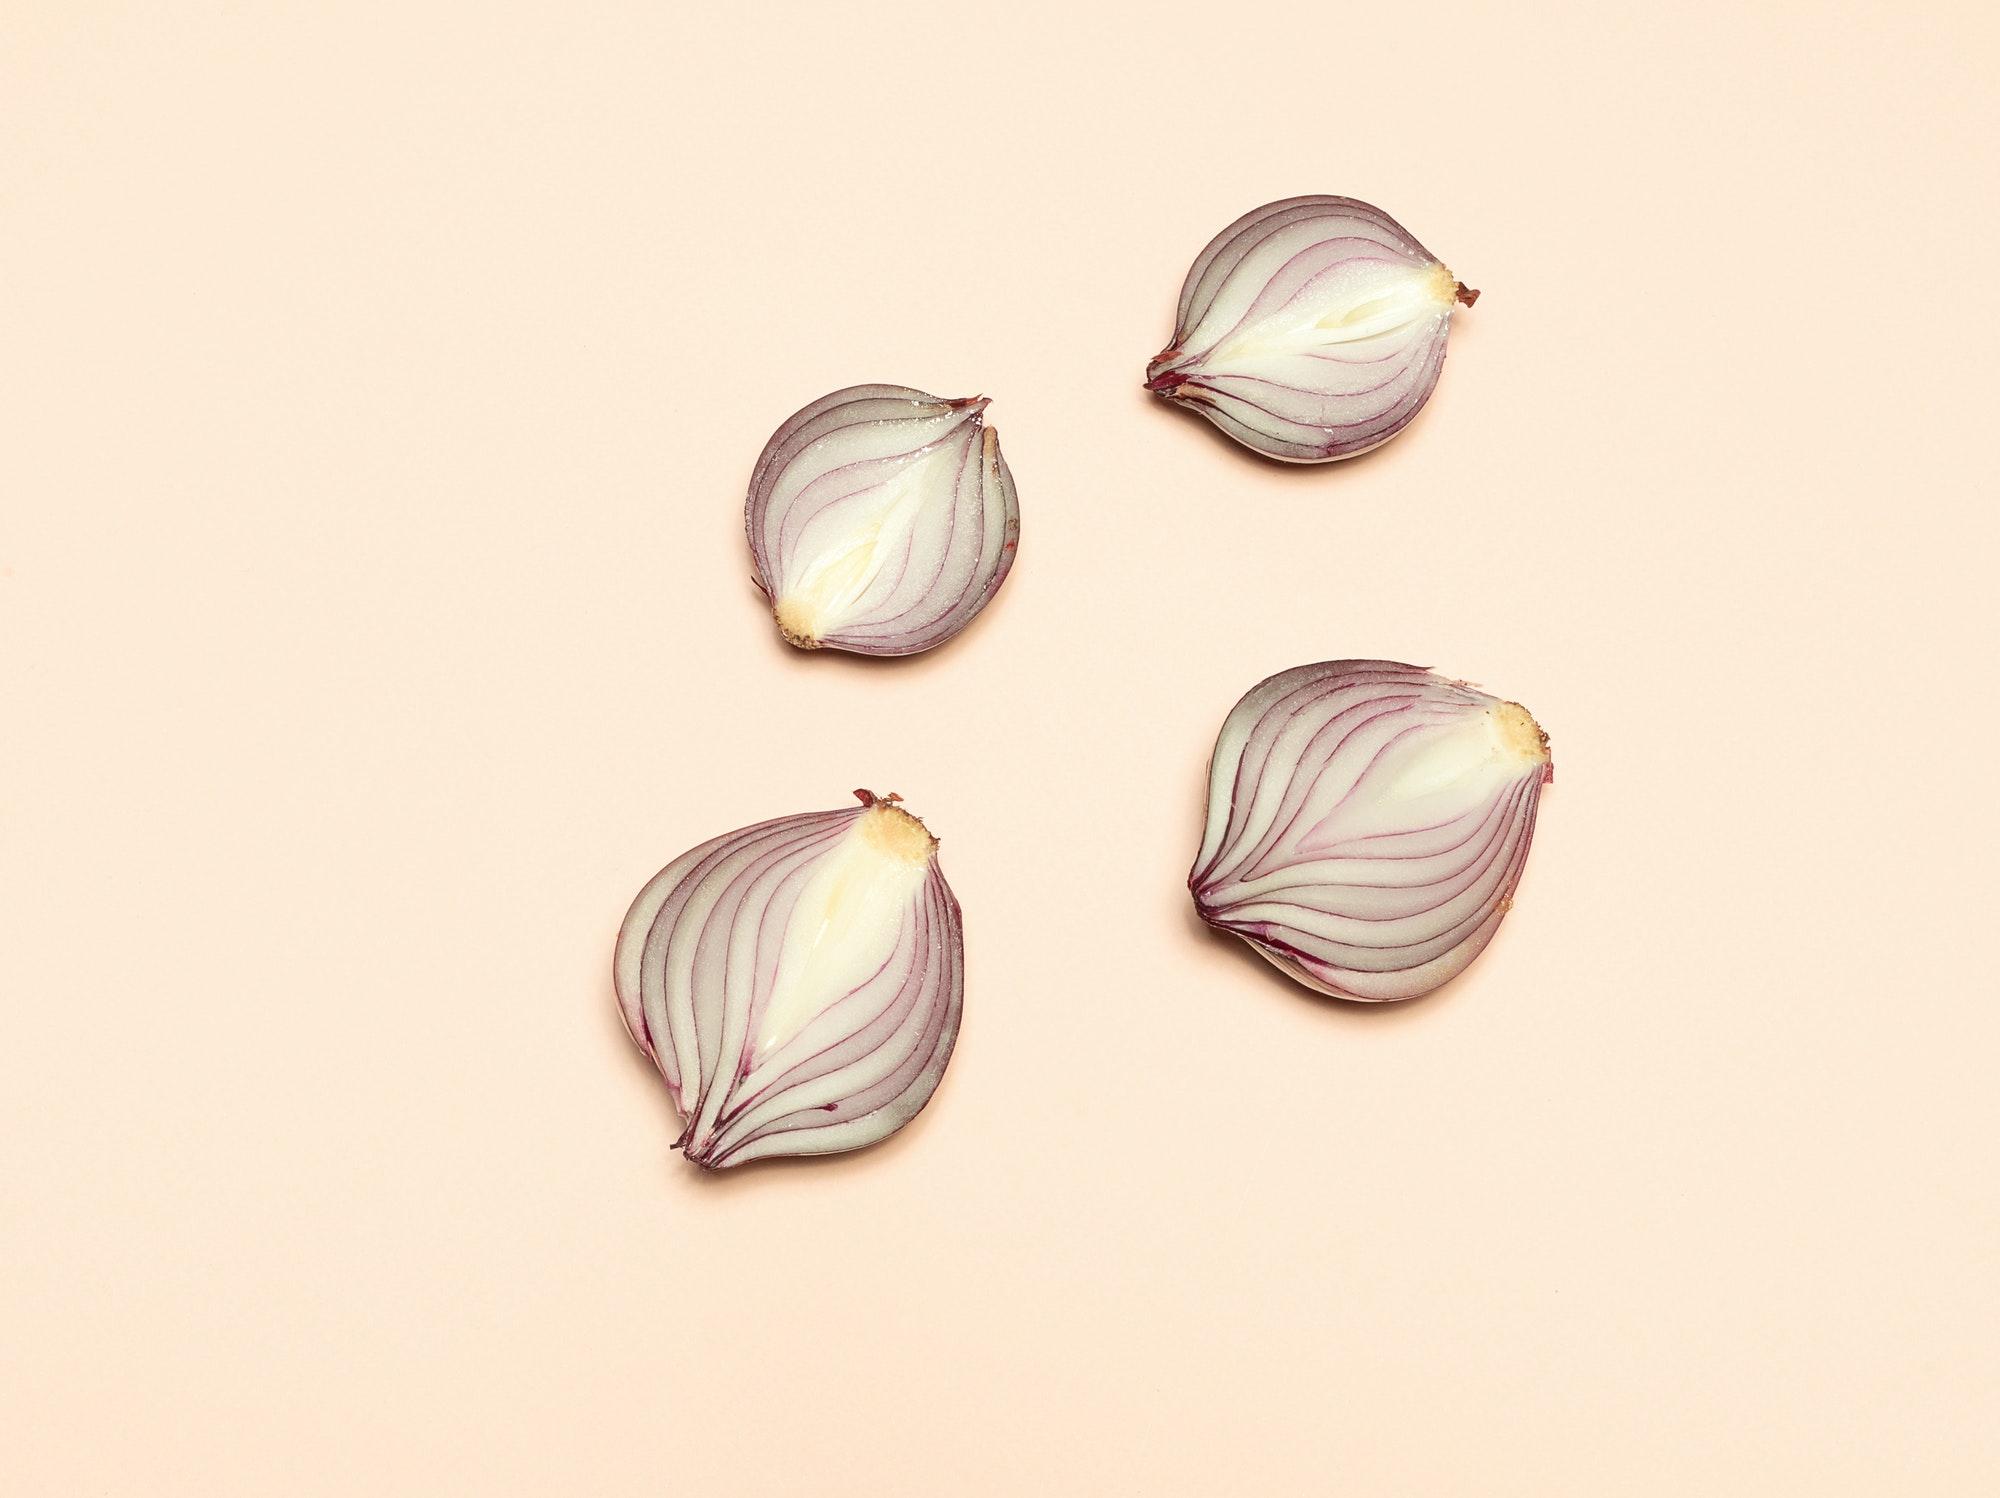 onion peel tea benefits